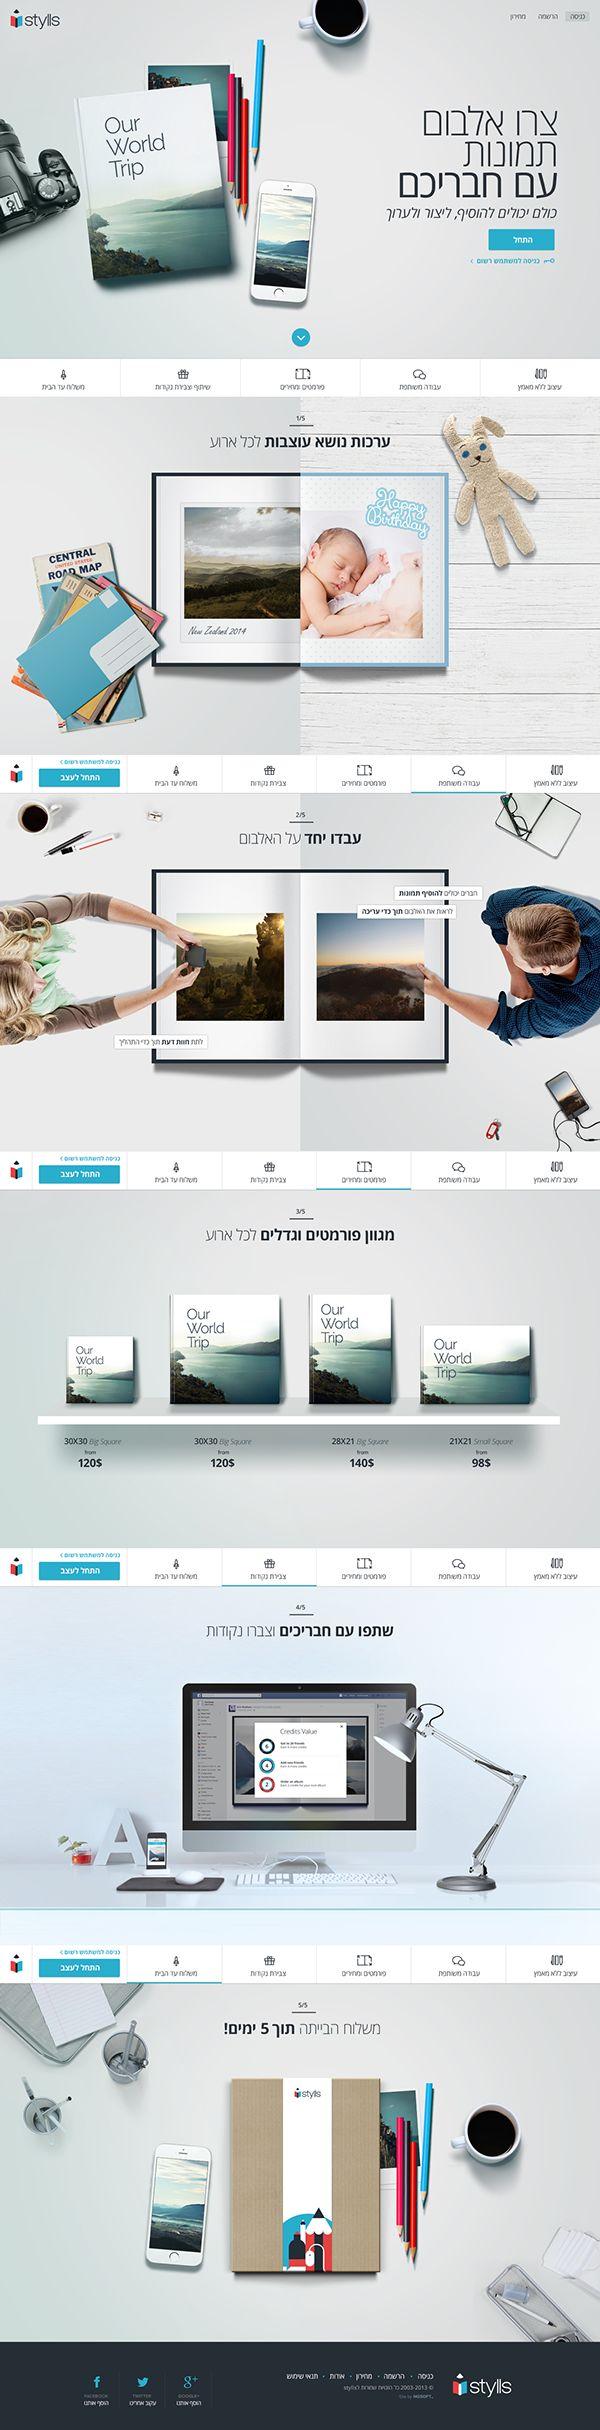 Stylls homepage